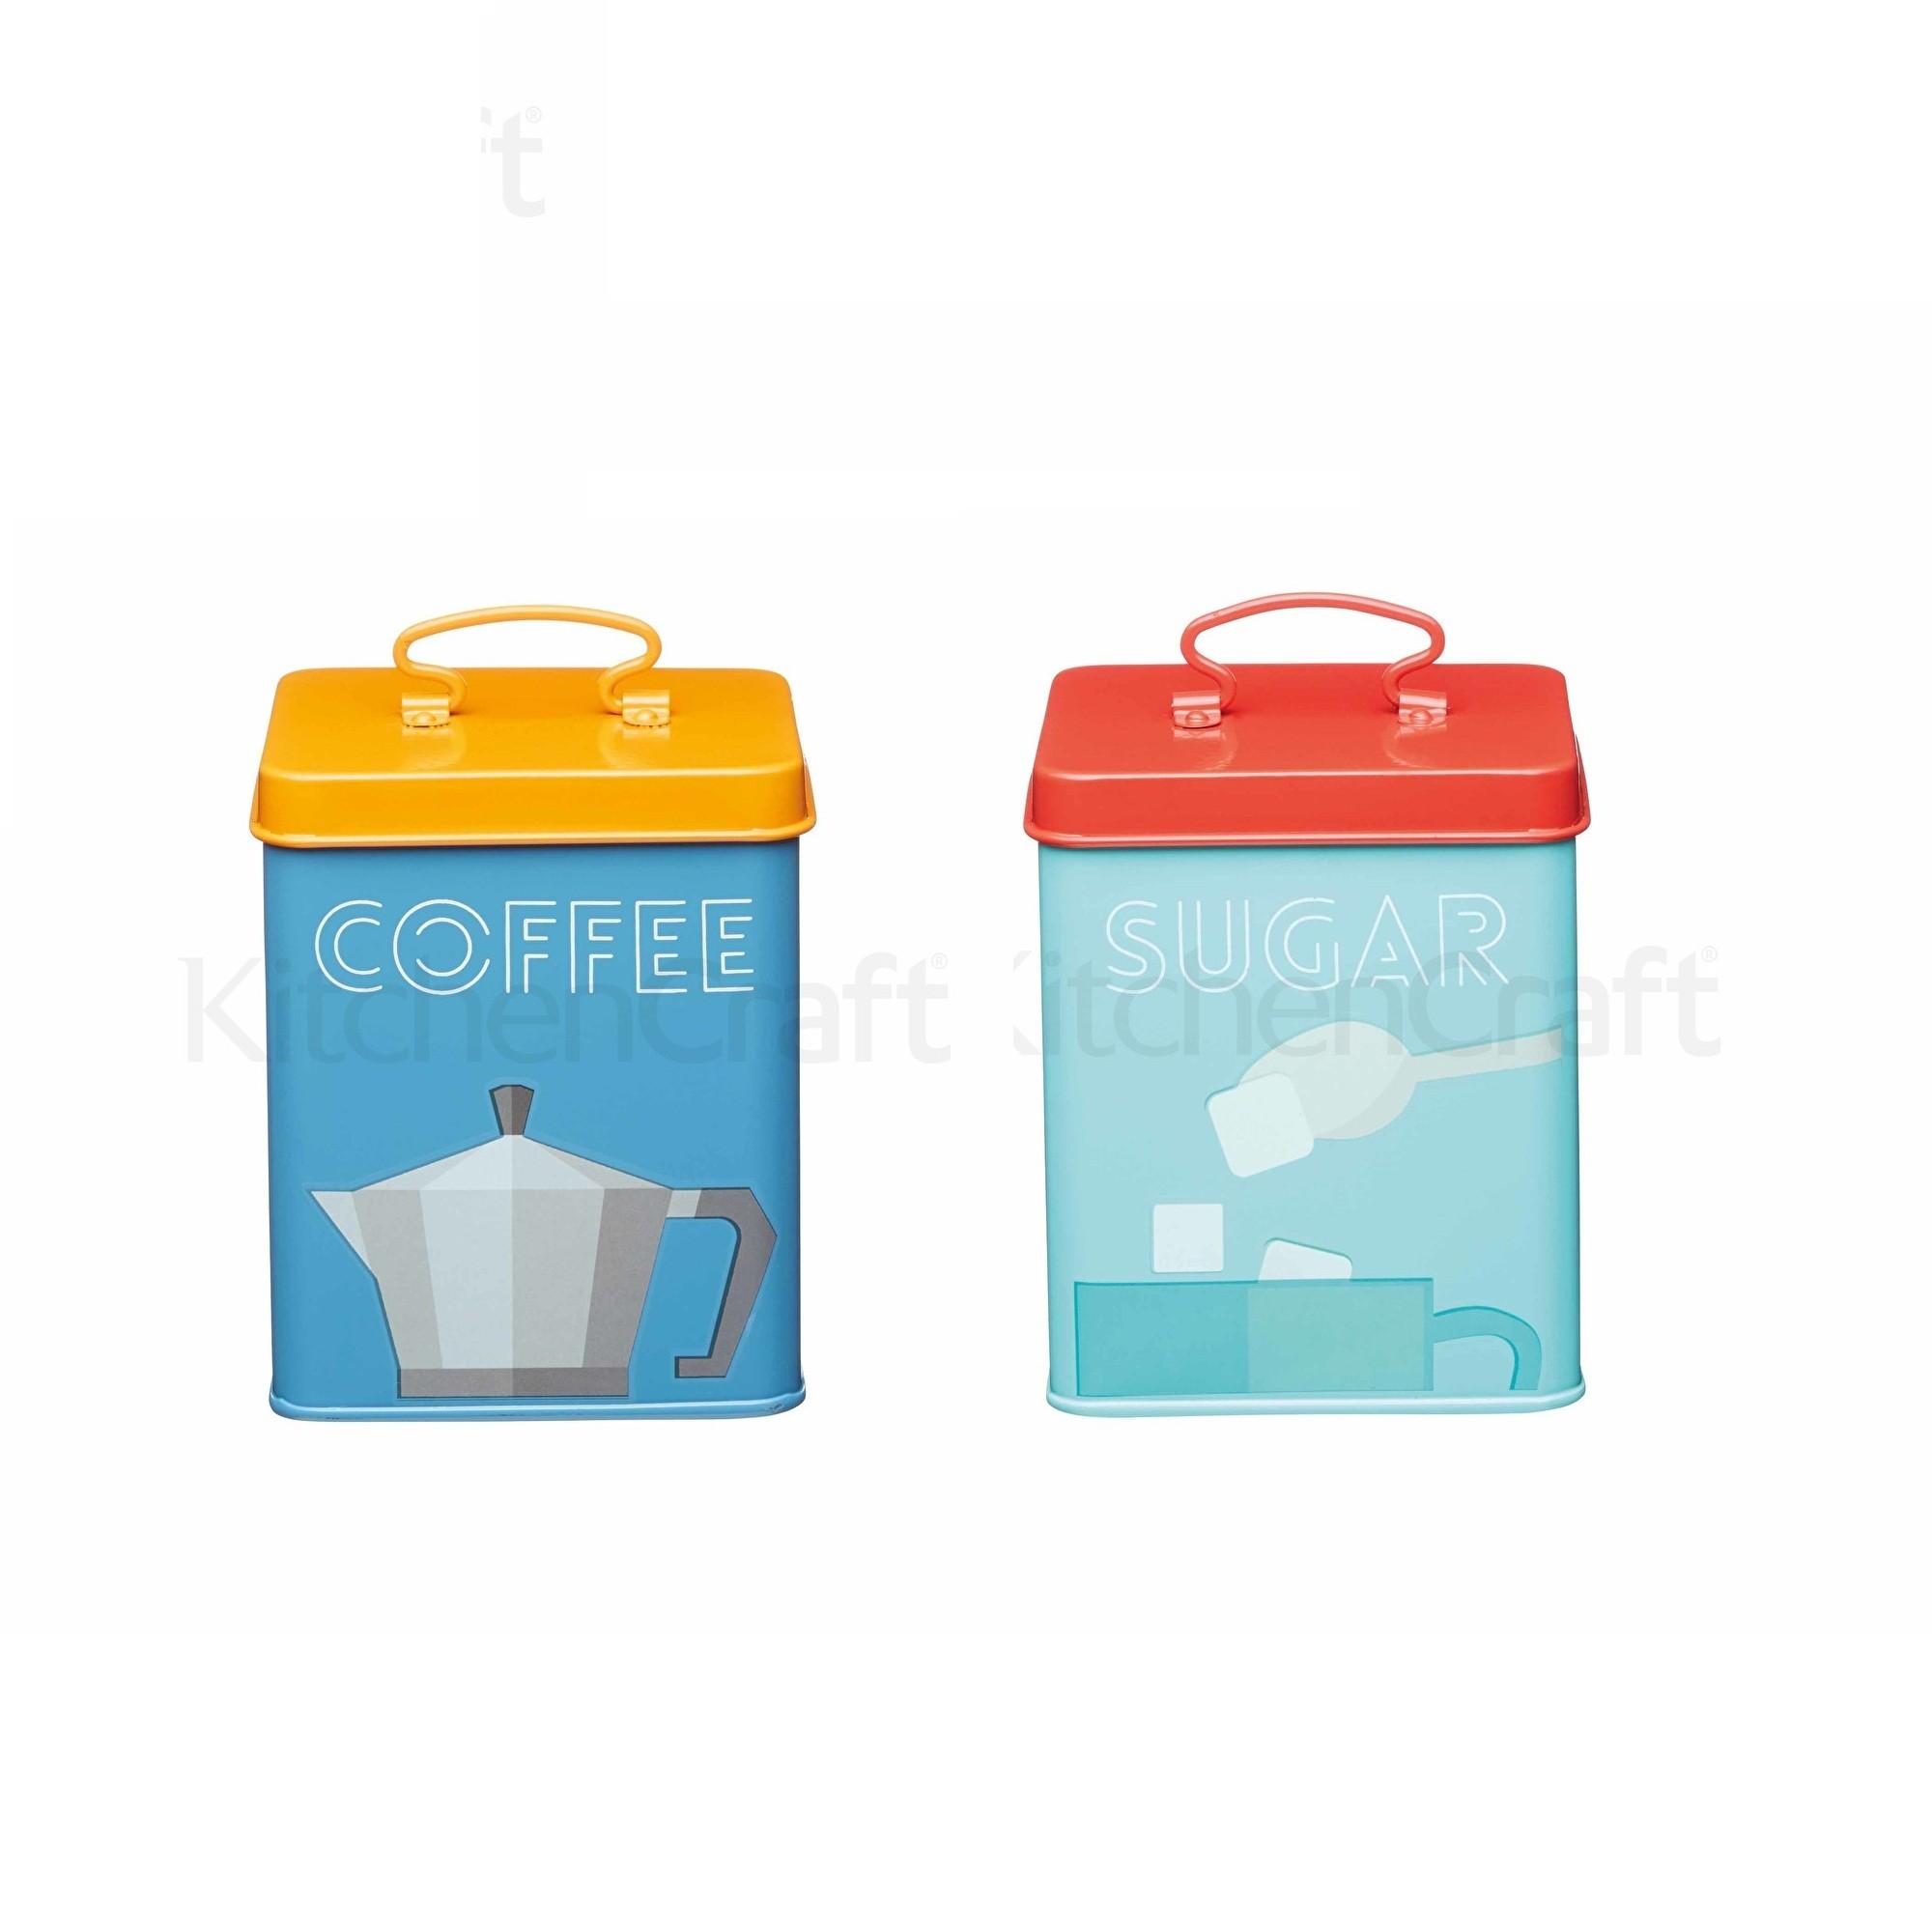 Μεταλλικά Δοχεία Σετ Καφέ - Ζάχαρη Kitchen Storage Kitchencraft home   ειδη cafe τσαϊ   δοχεία καφε   ζάχαρης